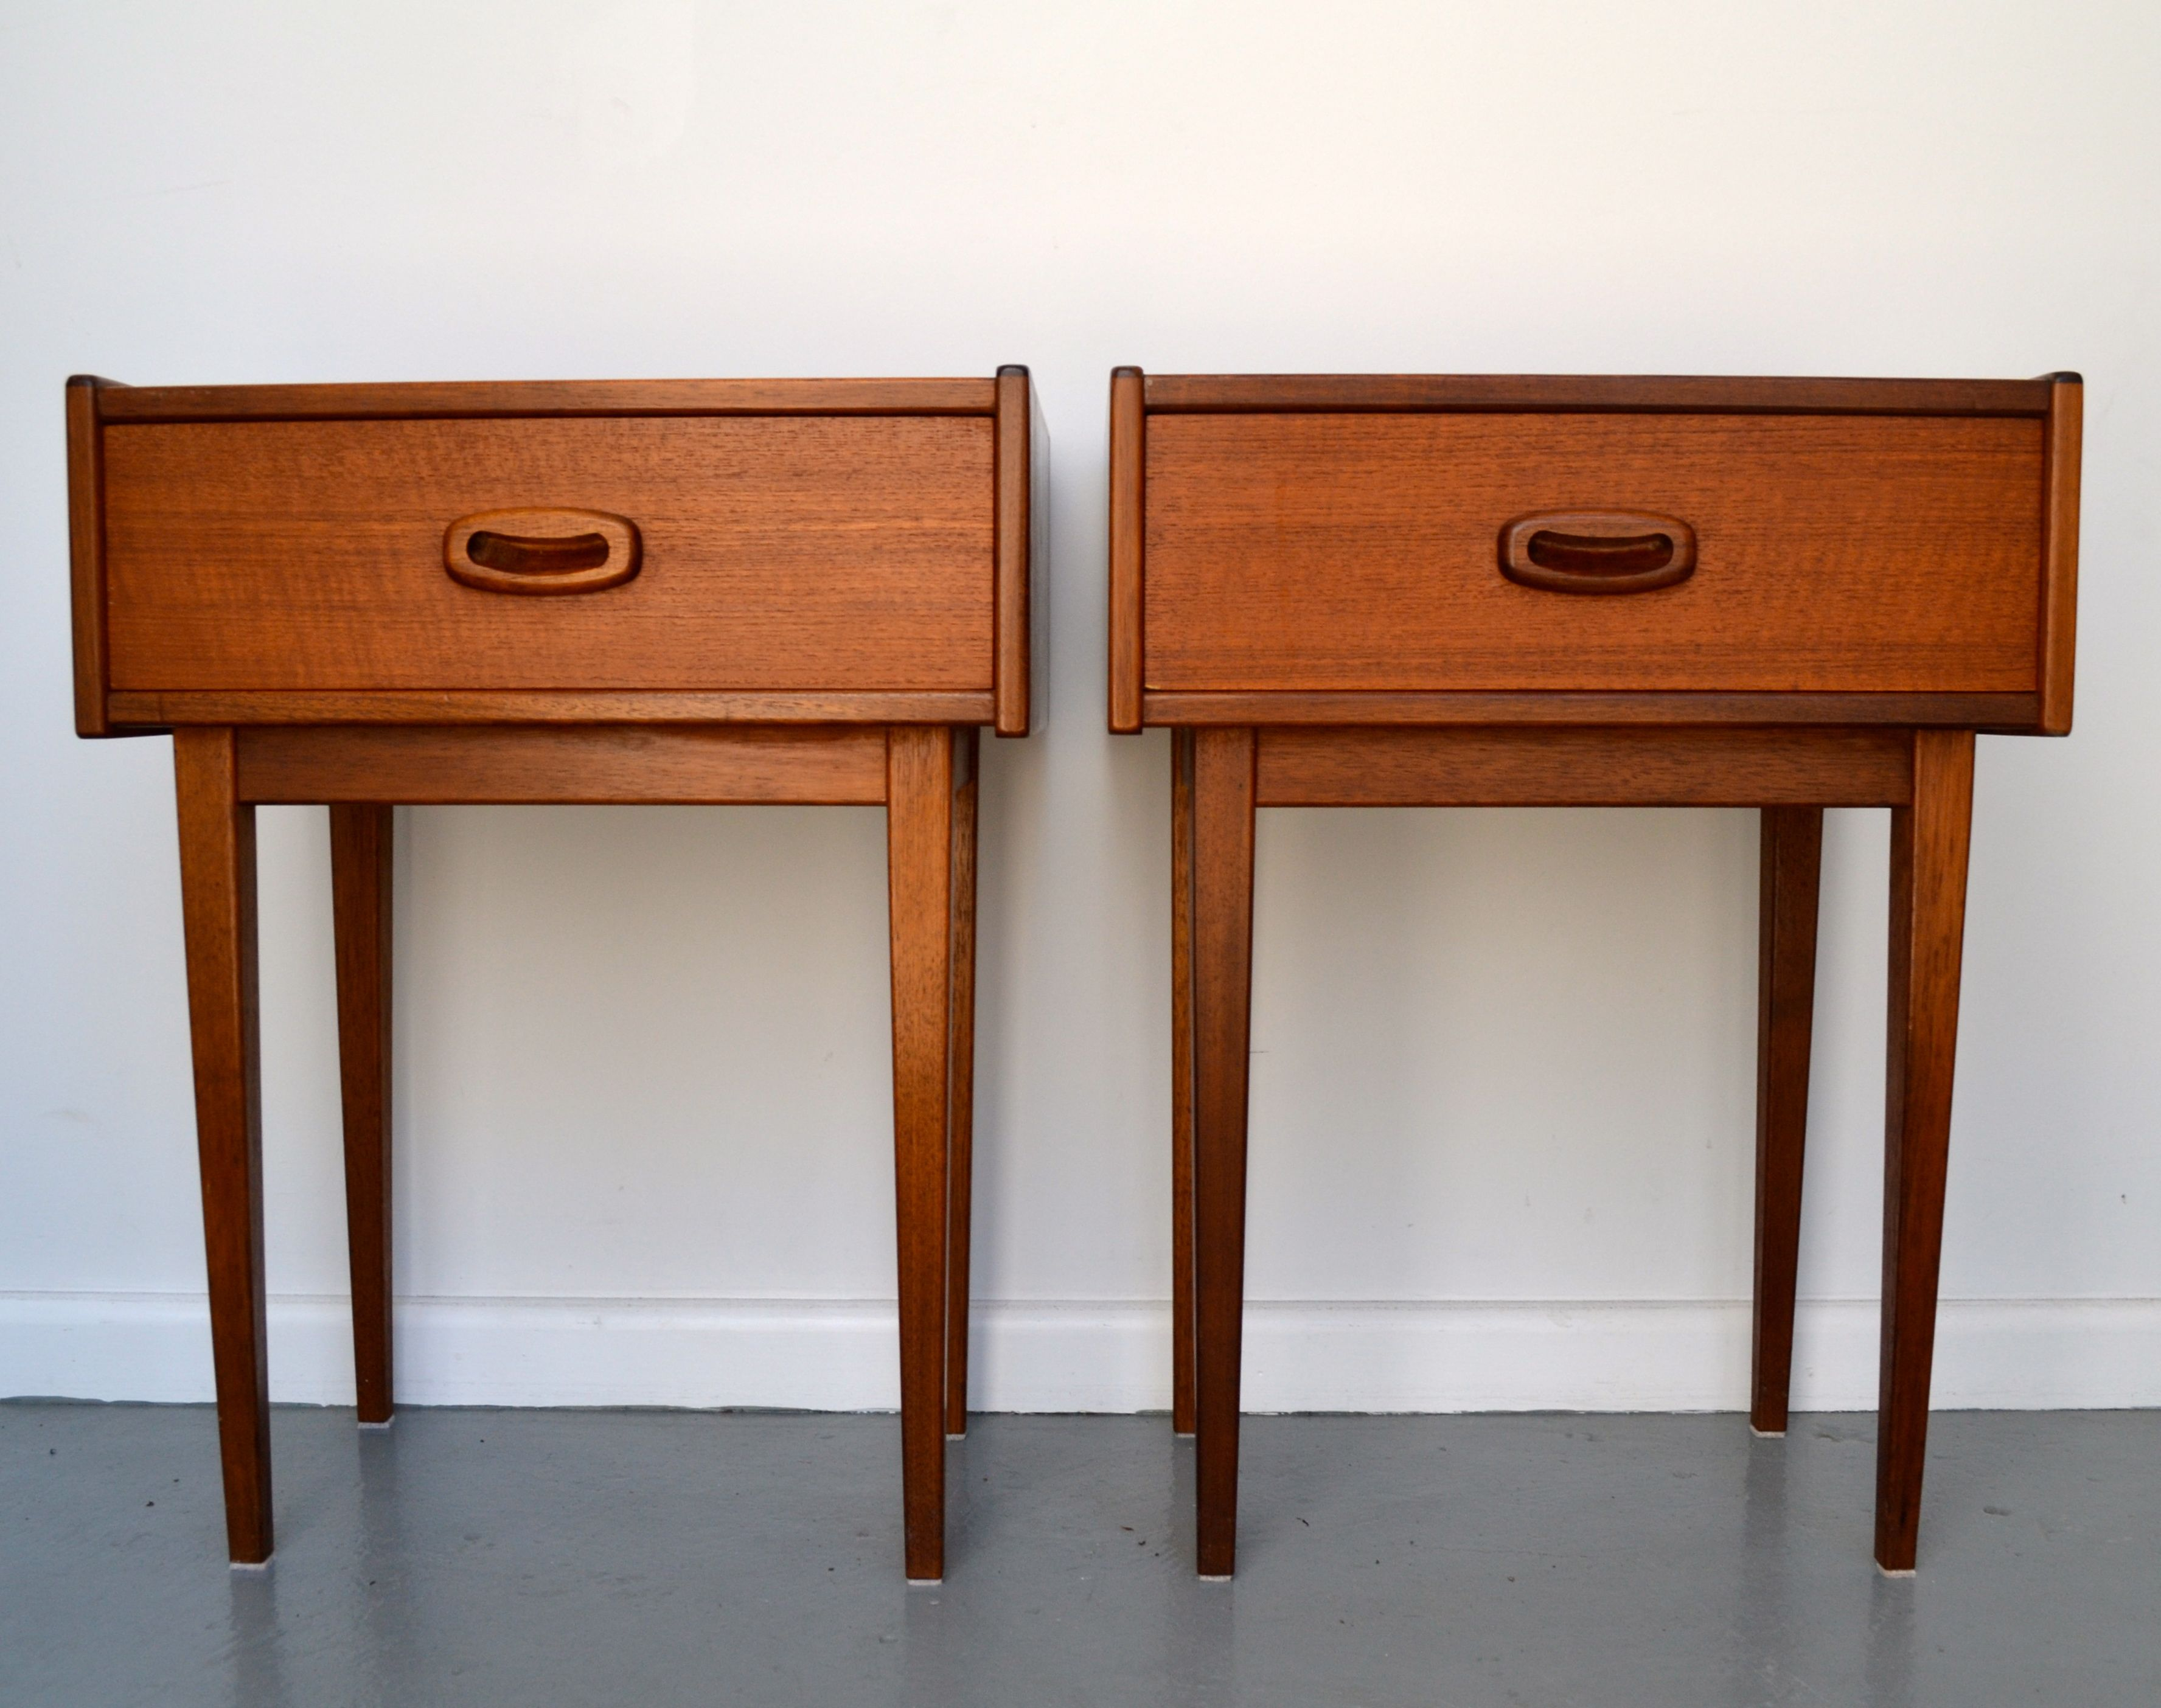 Parker Teak 60 S Bedside Tables Www Tangerineandteal Com Parker Furniture Furniture Retro Furniture